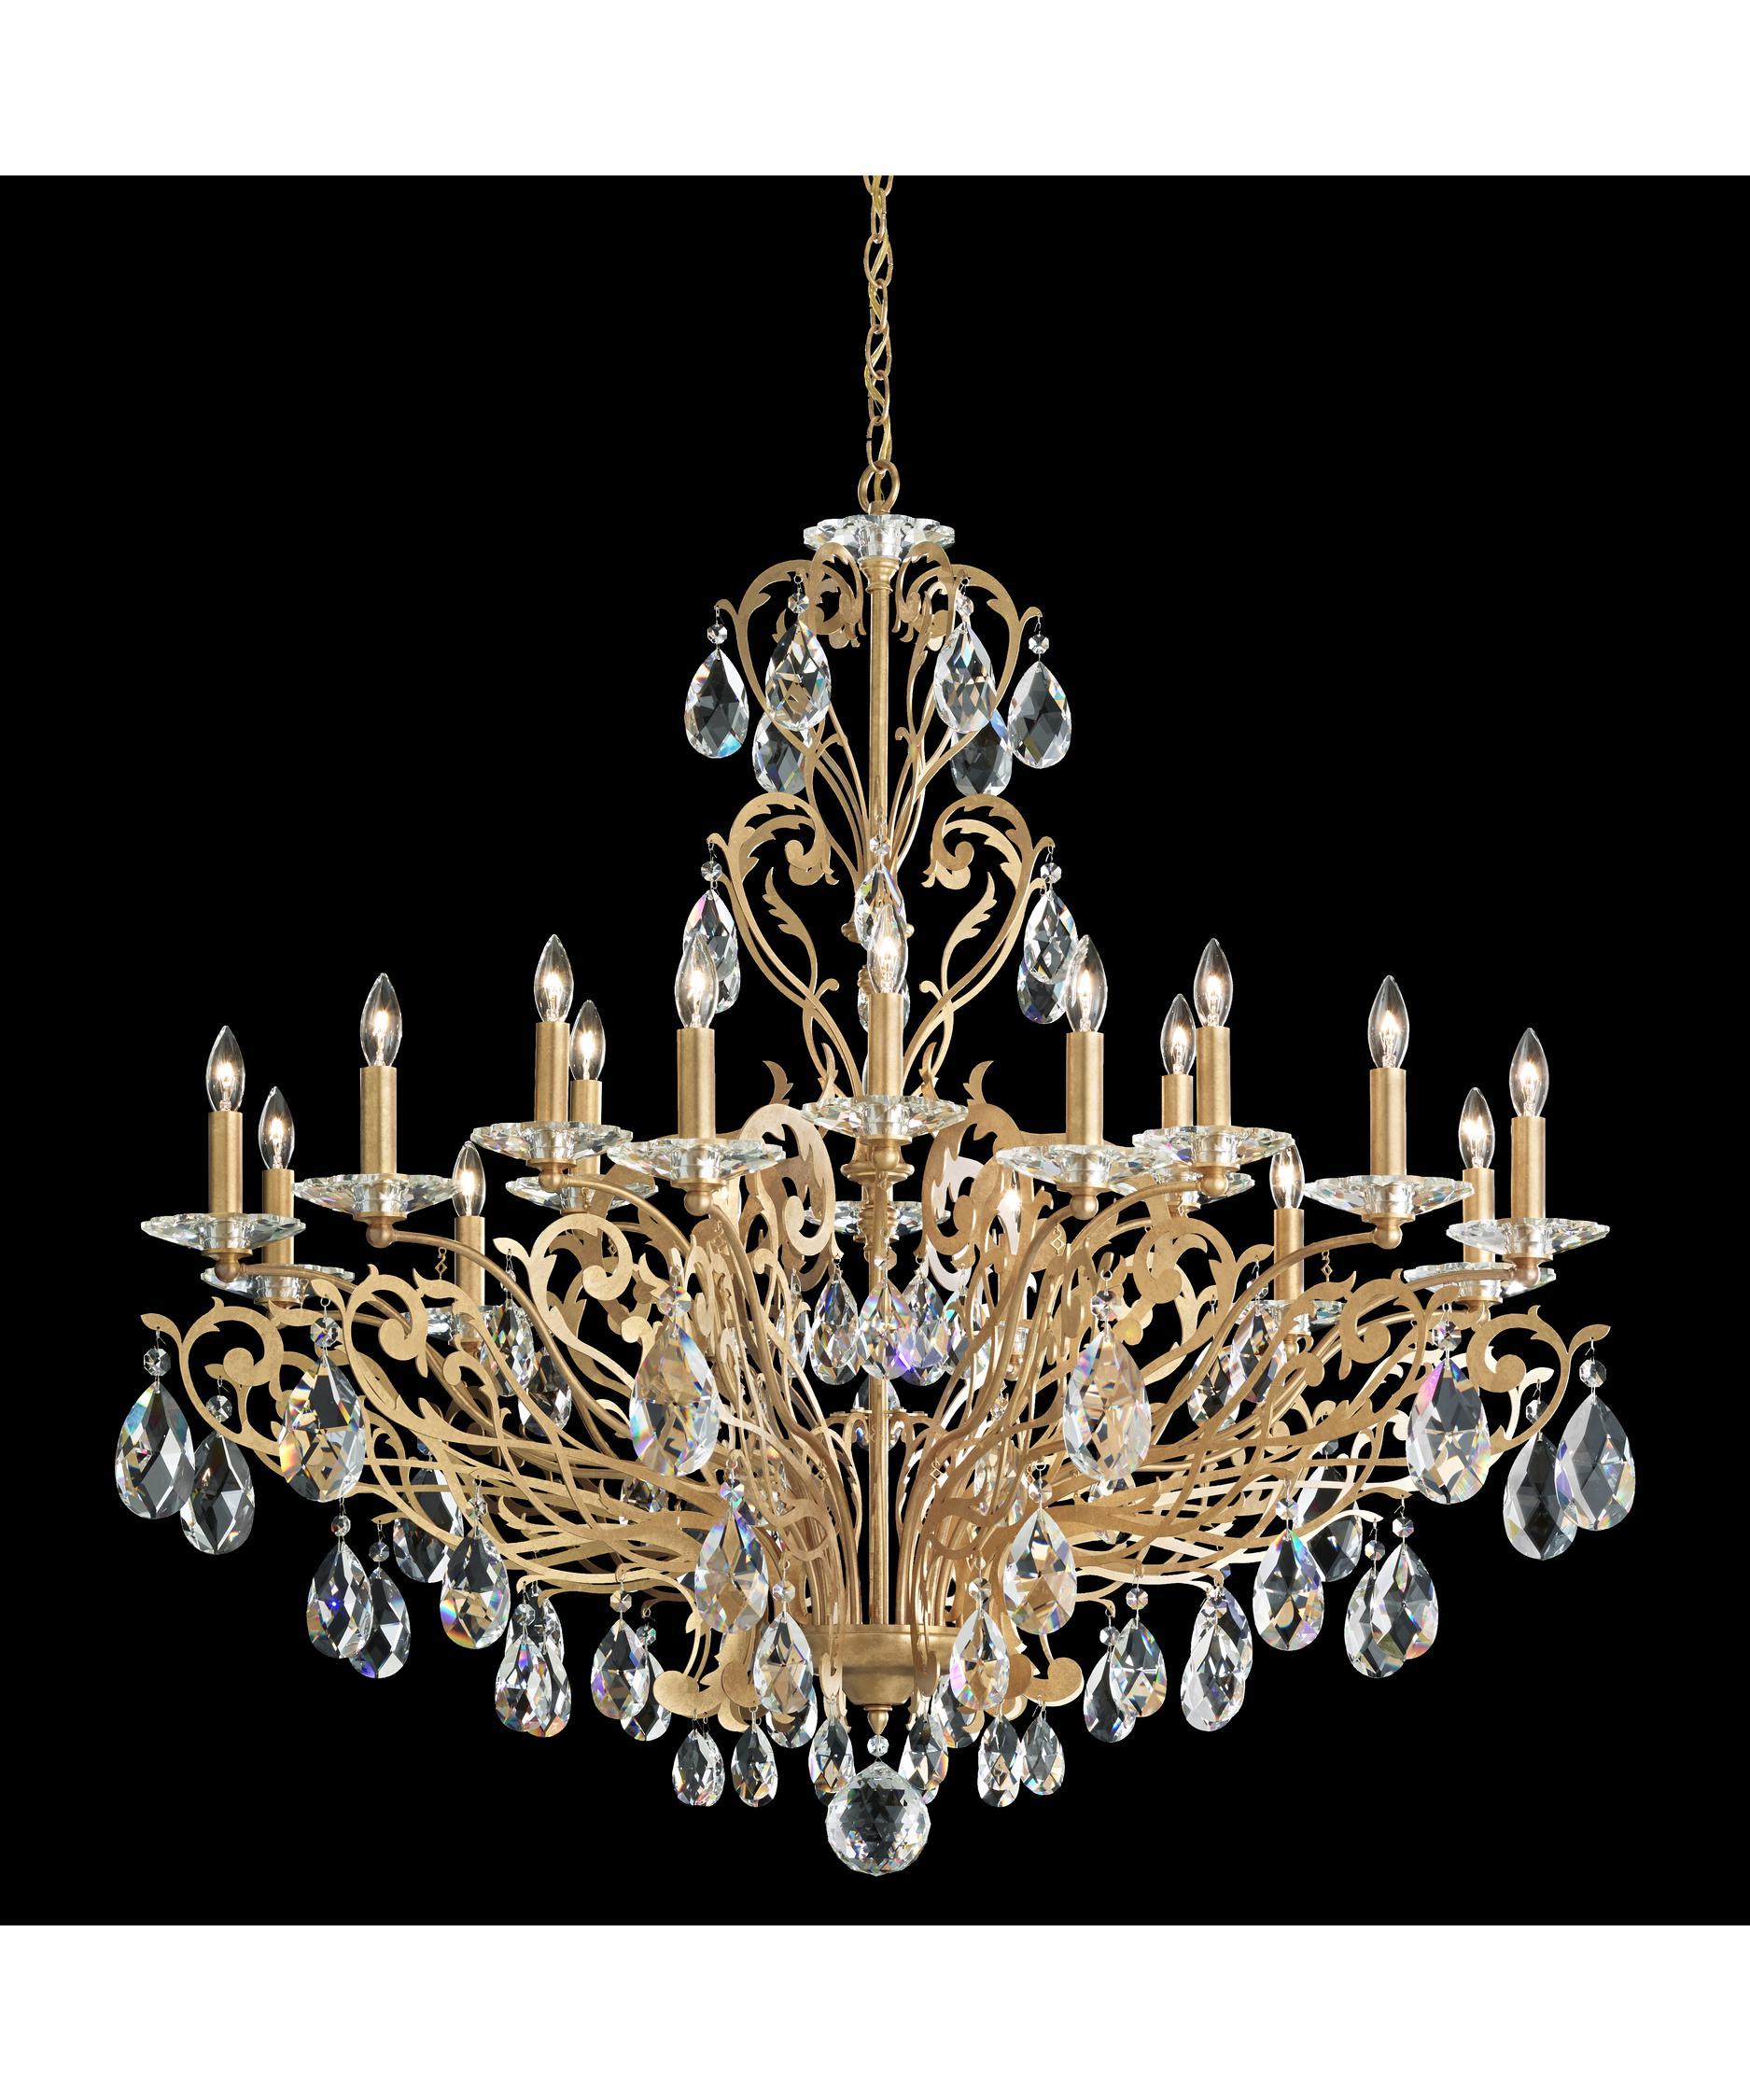 schonbek fe7018 filigrae 39 inch wide 18 light chandelier capitol lighting - Schonbek